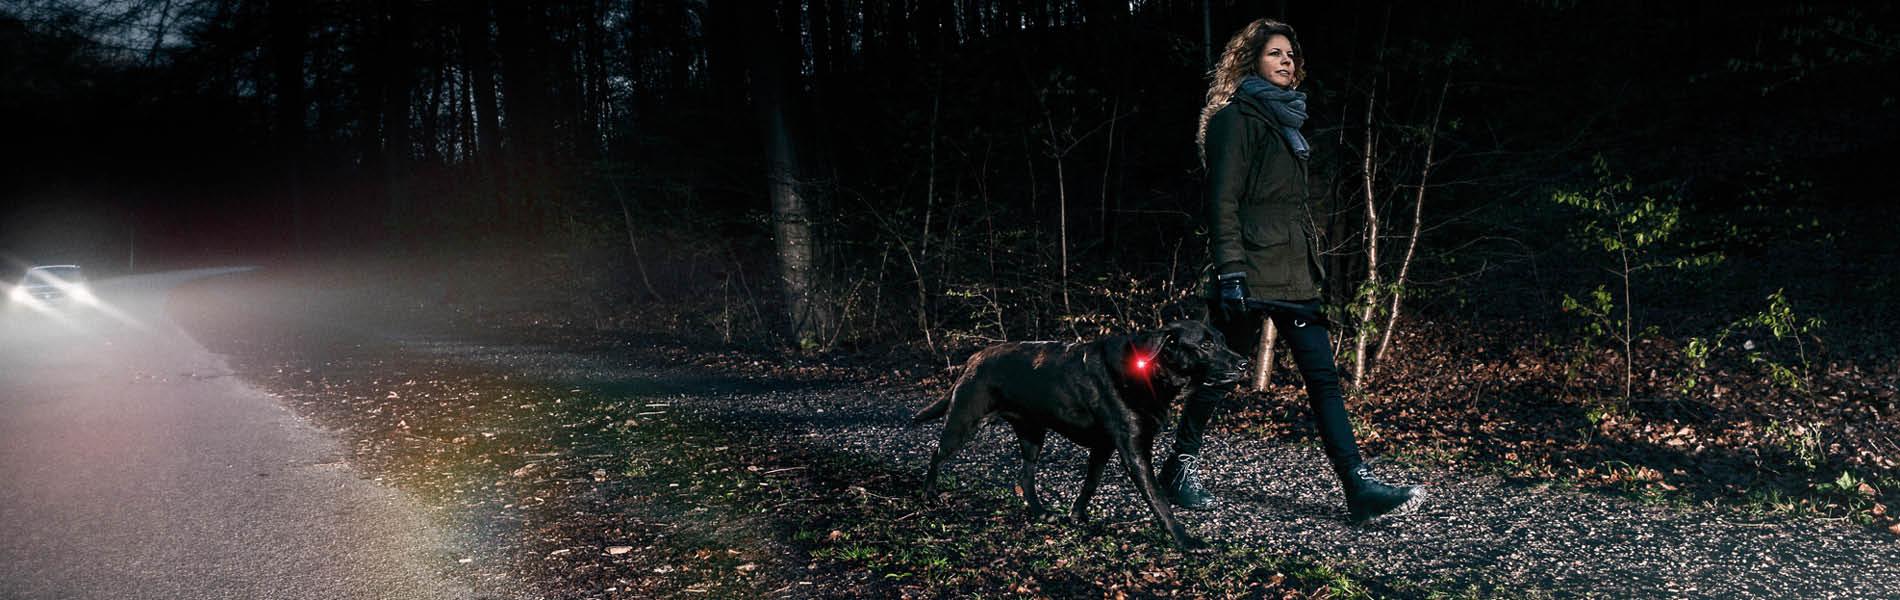 Dunkelheit 3